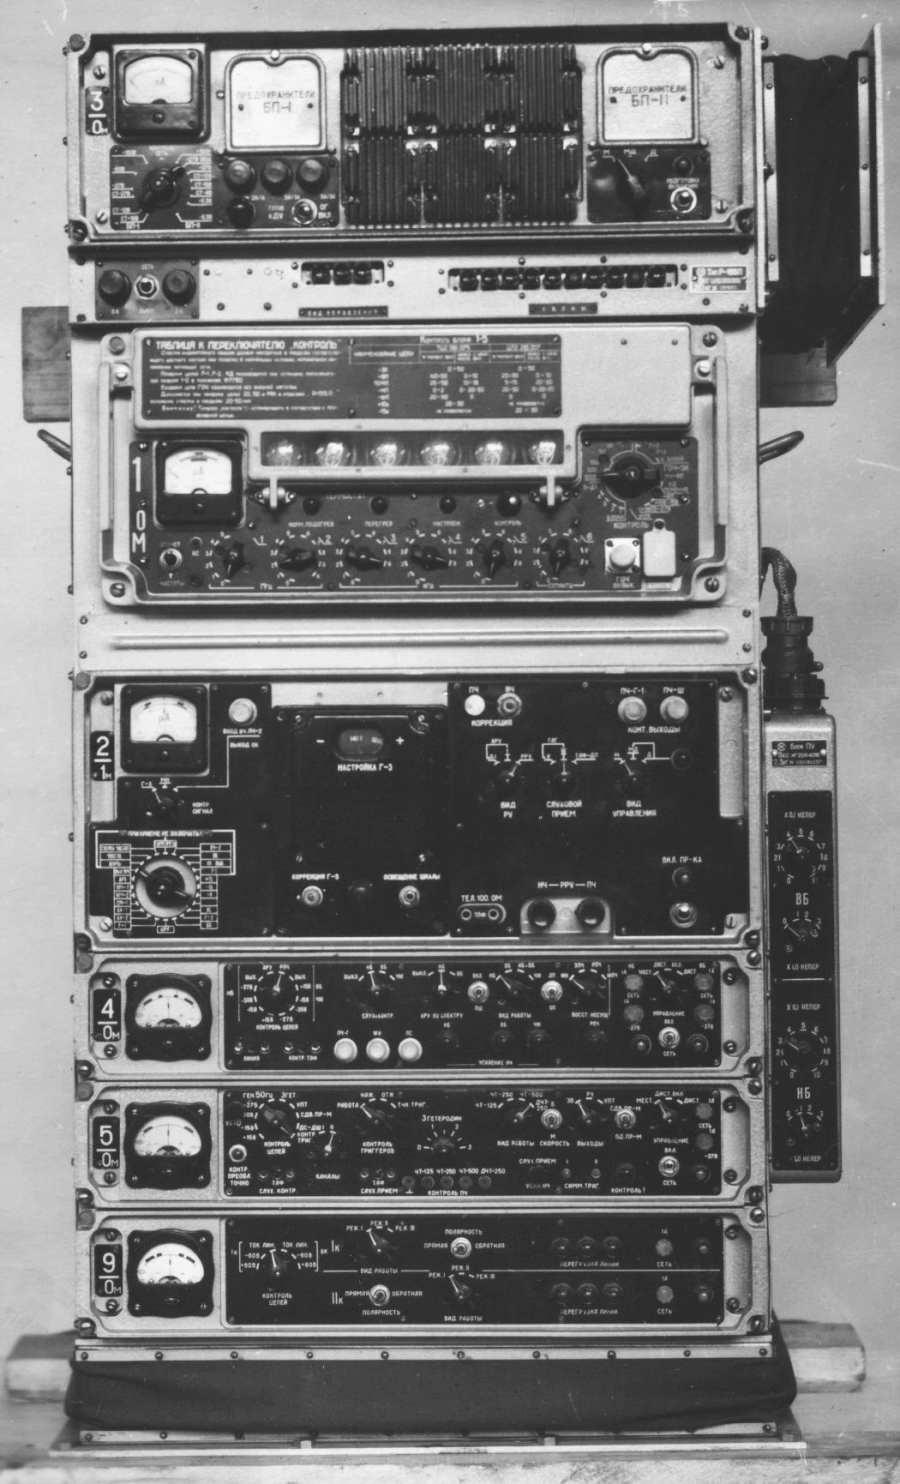 Шасси ЗиЛ - 157 Р - 845 - авиационная наземная подвижная УКВ радиостанция для ВВС, для работы с Р - 821...